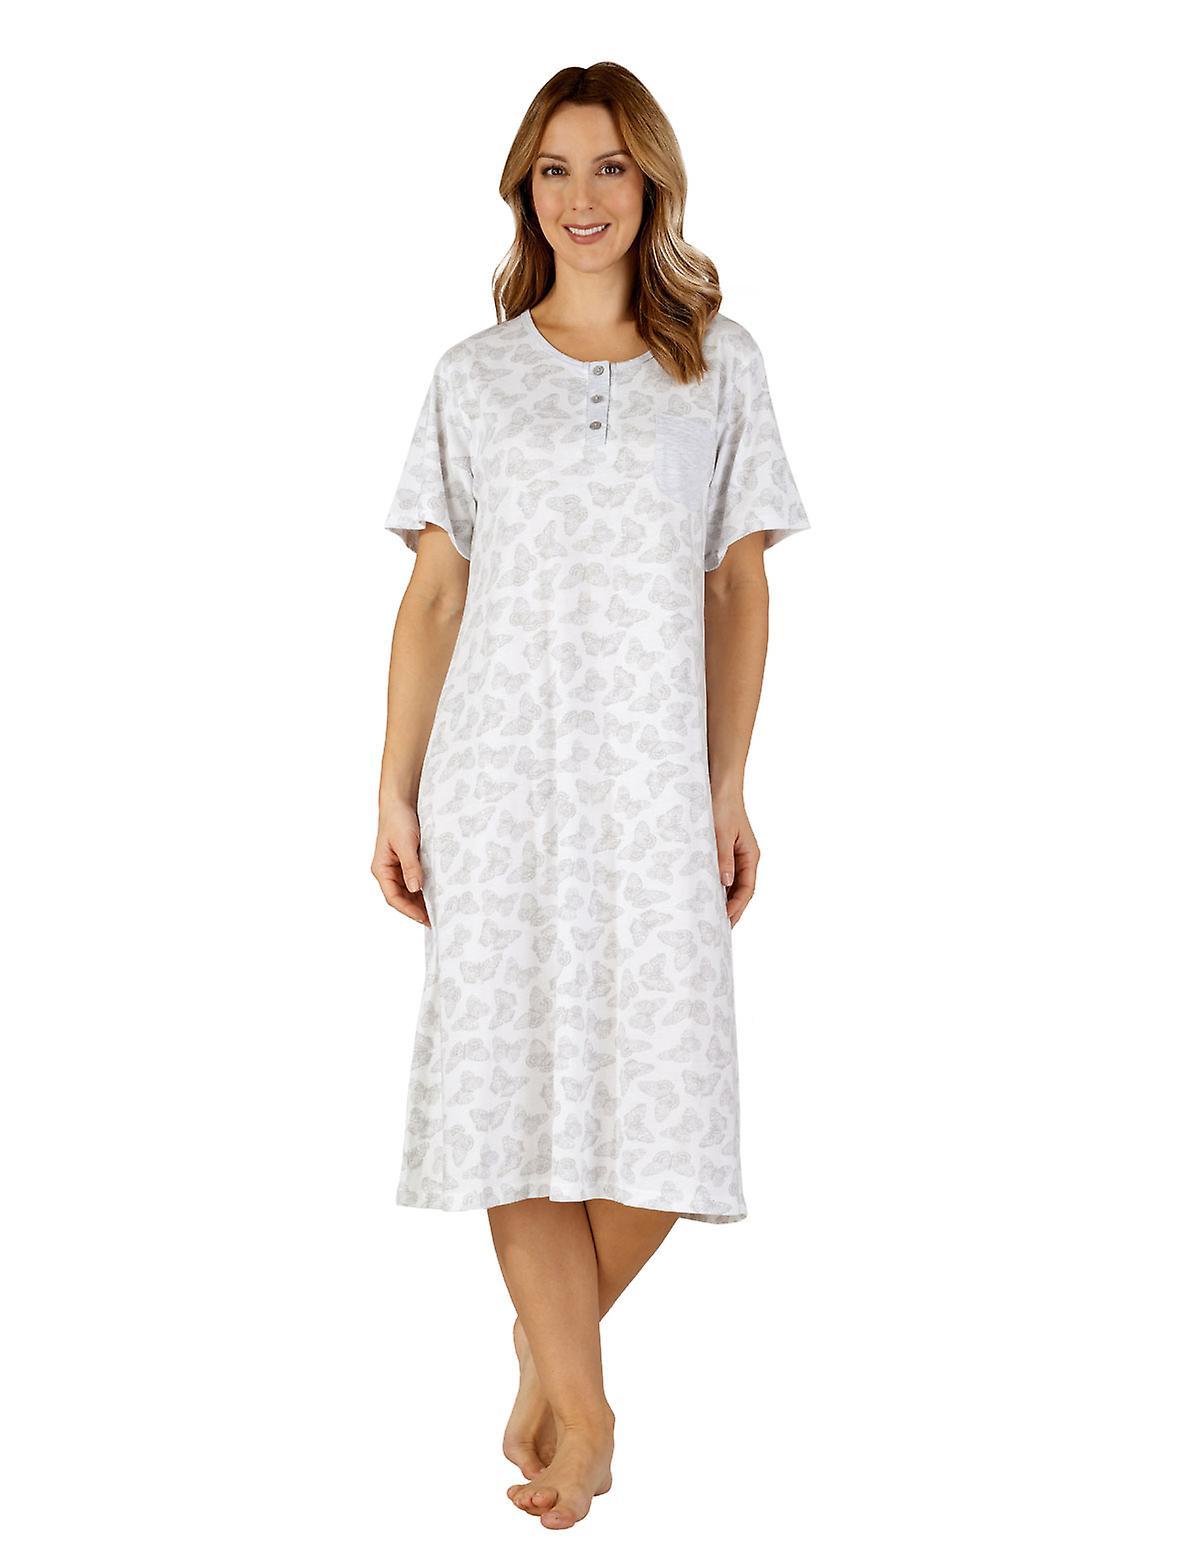 3aa9f948b Slenderella ND3127 Women s Cotton Jersey Grey Butterfly Night Gown  Loungewear Nightdress